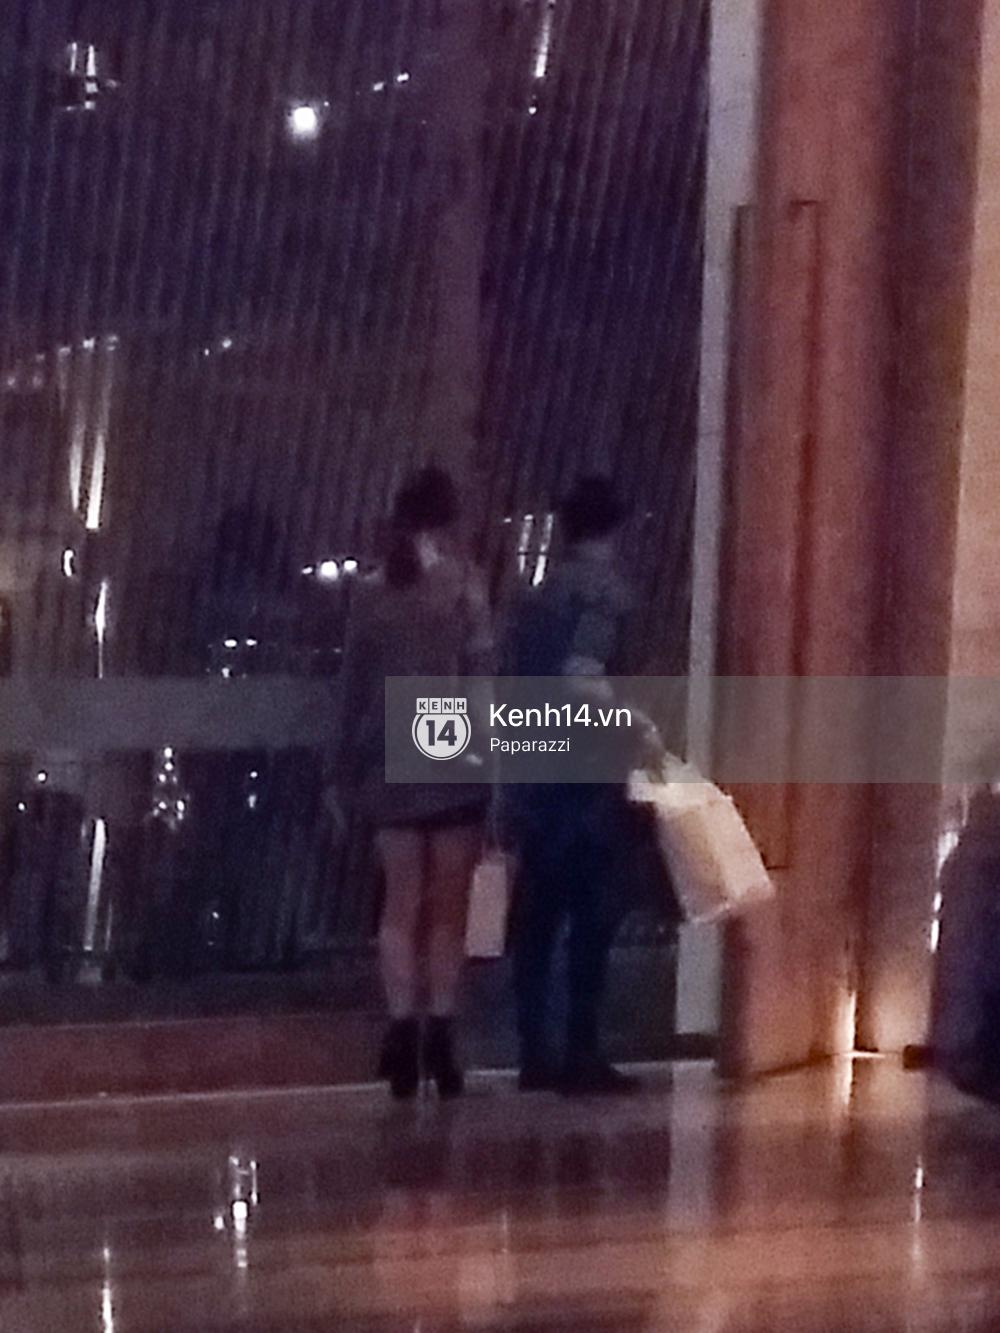 Sau khi lộ thiệp mời, Trấn Thành - Hari Won xuất hiện ở nơi sẽ tổ chức tiệc cưới của mình! - Ảnh 3.